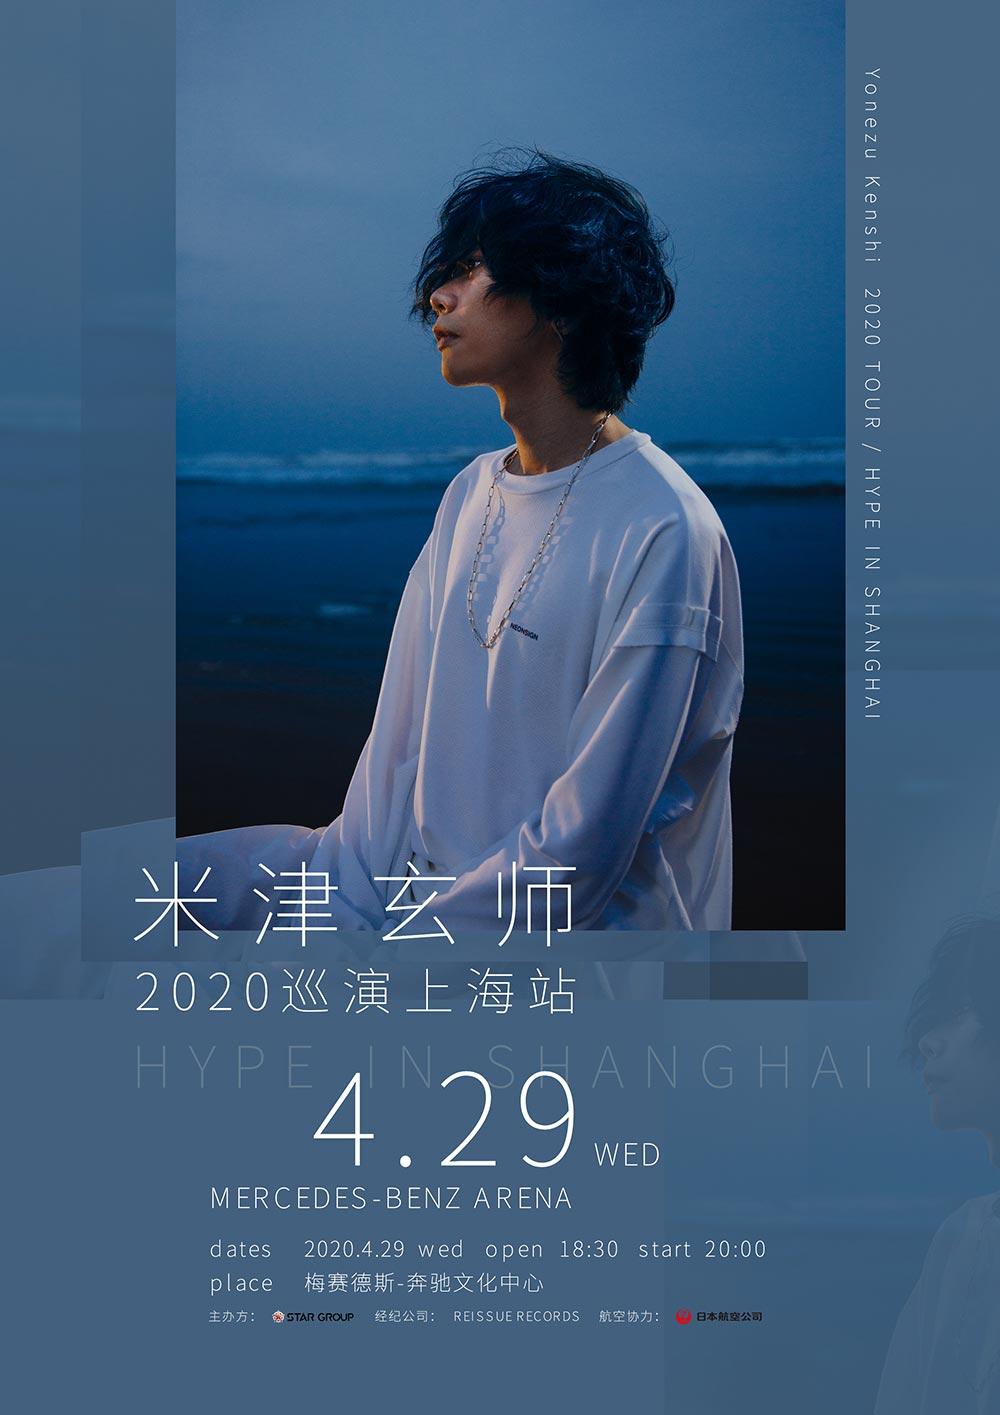 米津玄师 2020 TOUR / HYPE 海外站即将登陆上海